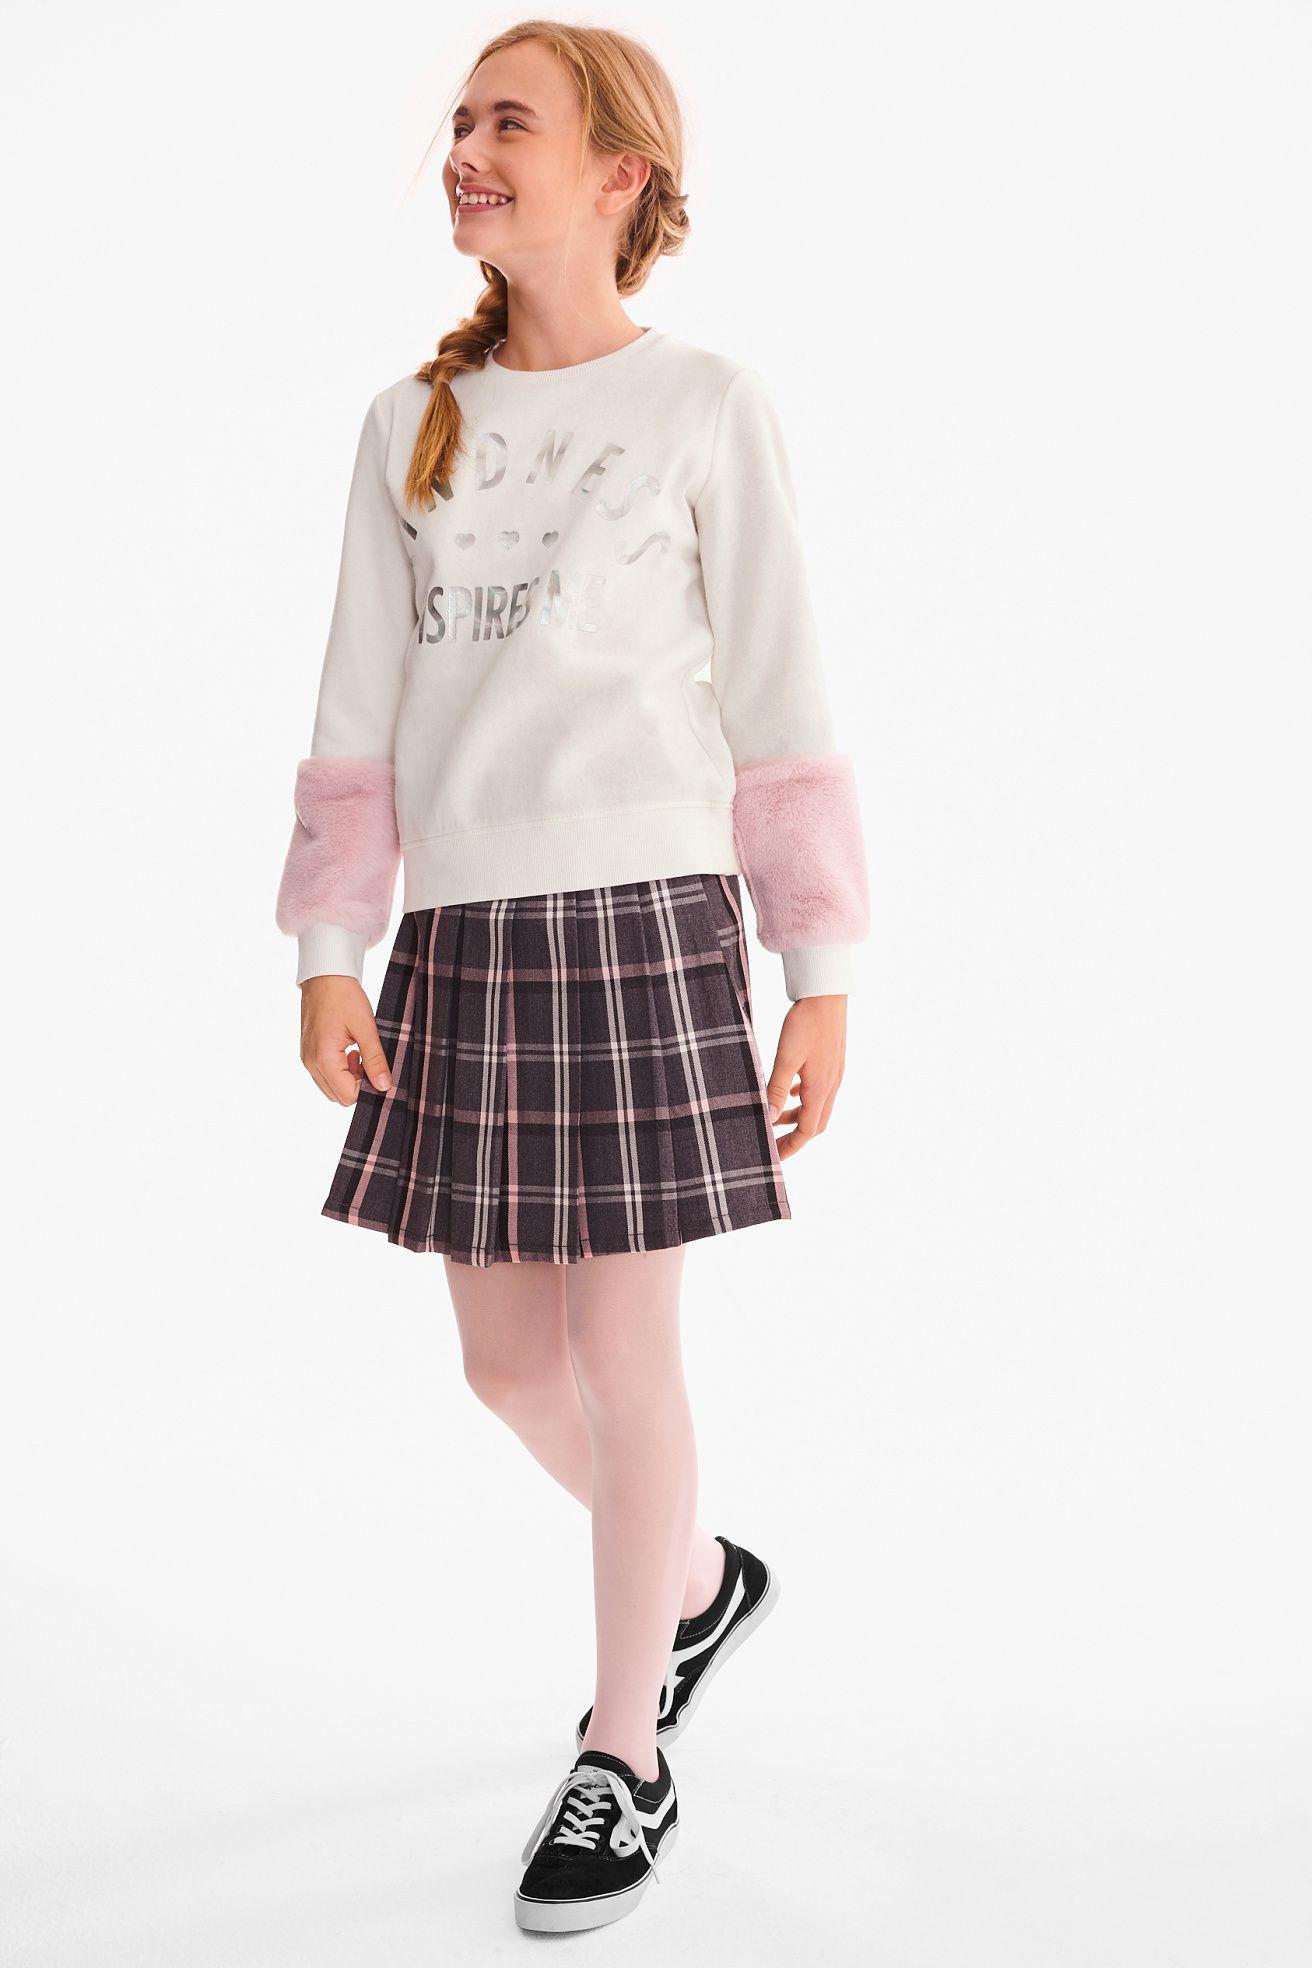 Sweatshirt Kleid Fur Jugendliche Susse Outfits Fur Madchen Madchenmode